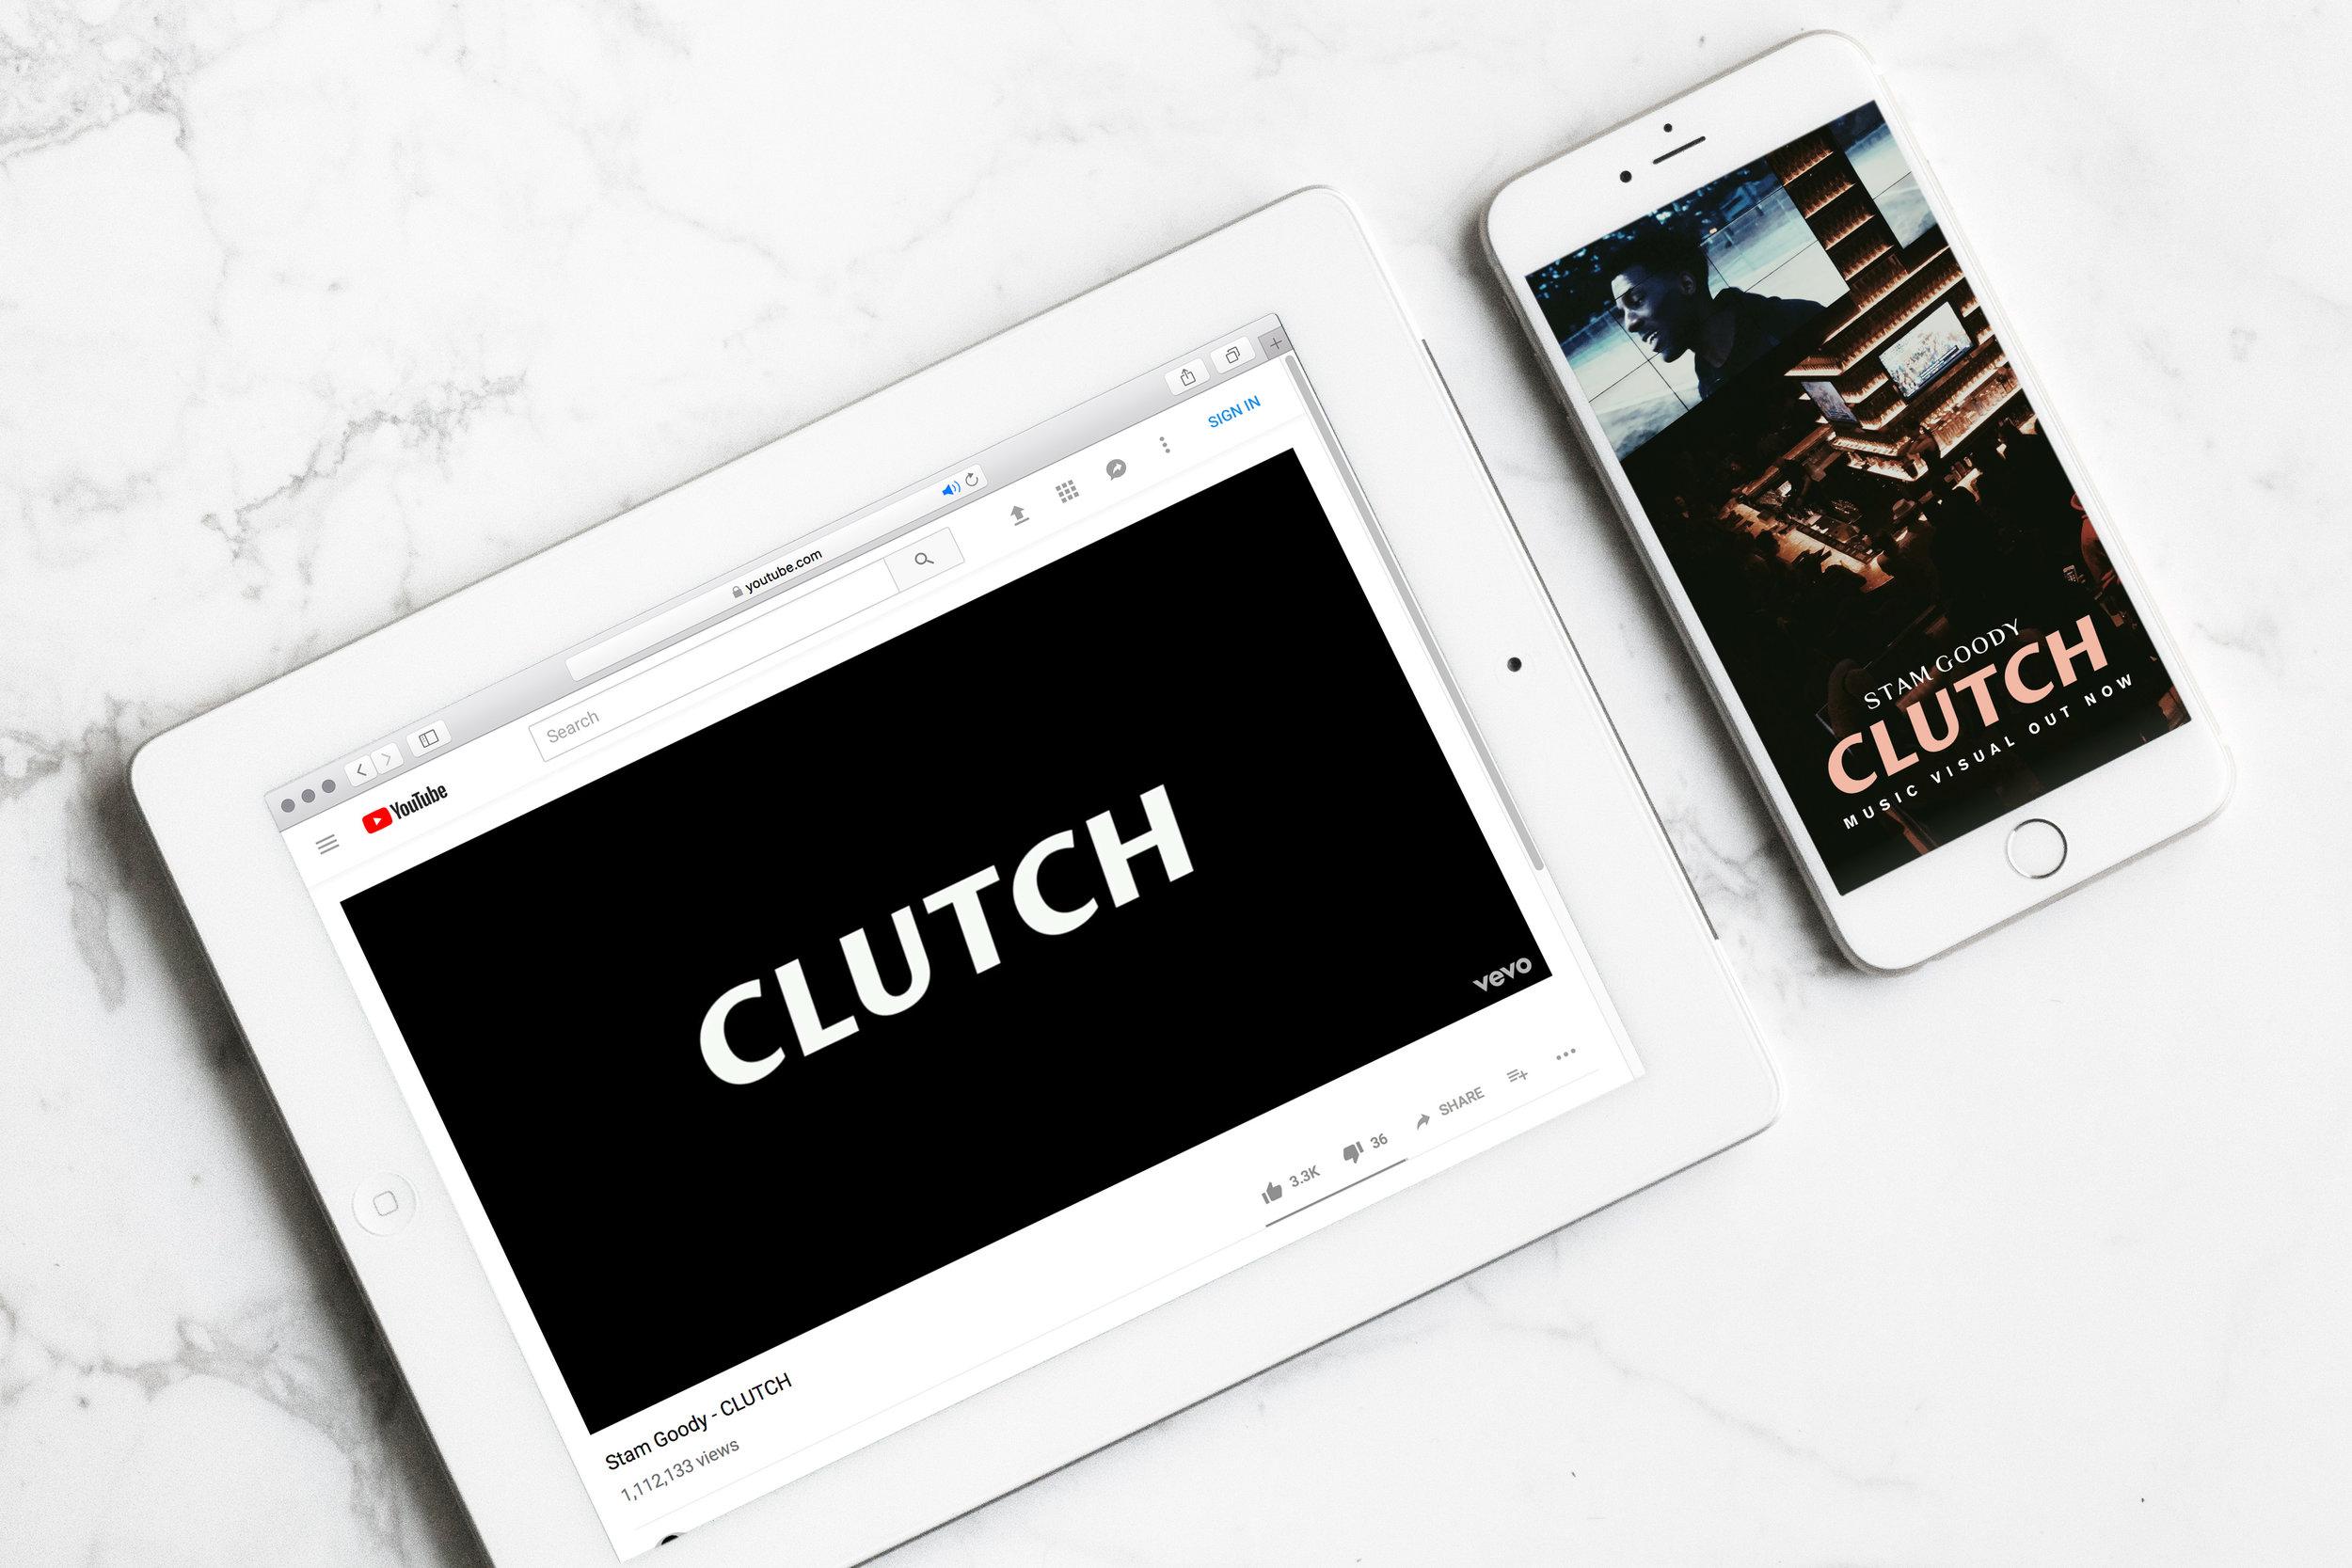 CLUTCH_YouTube.jpg